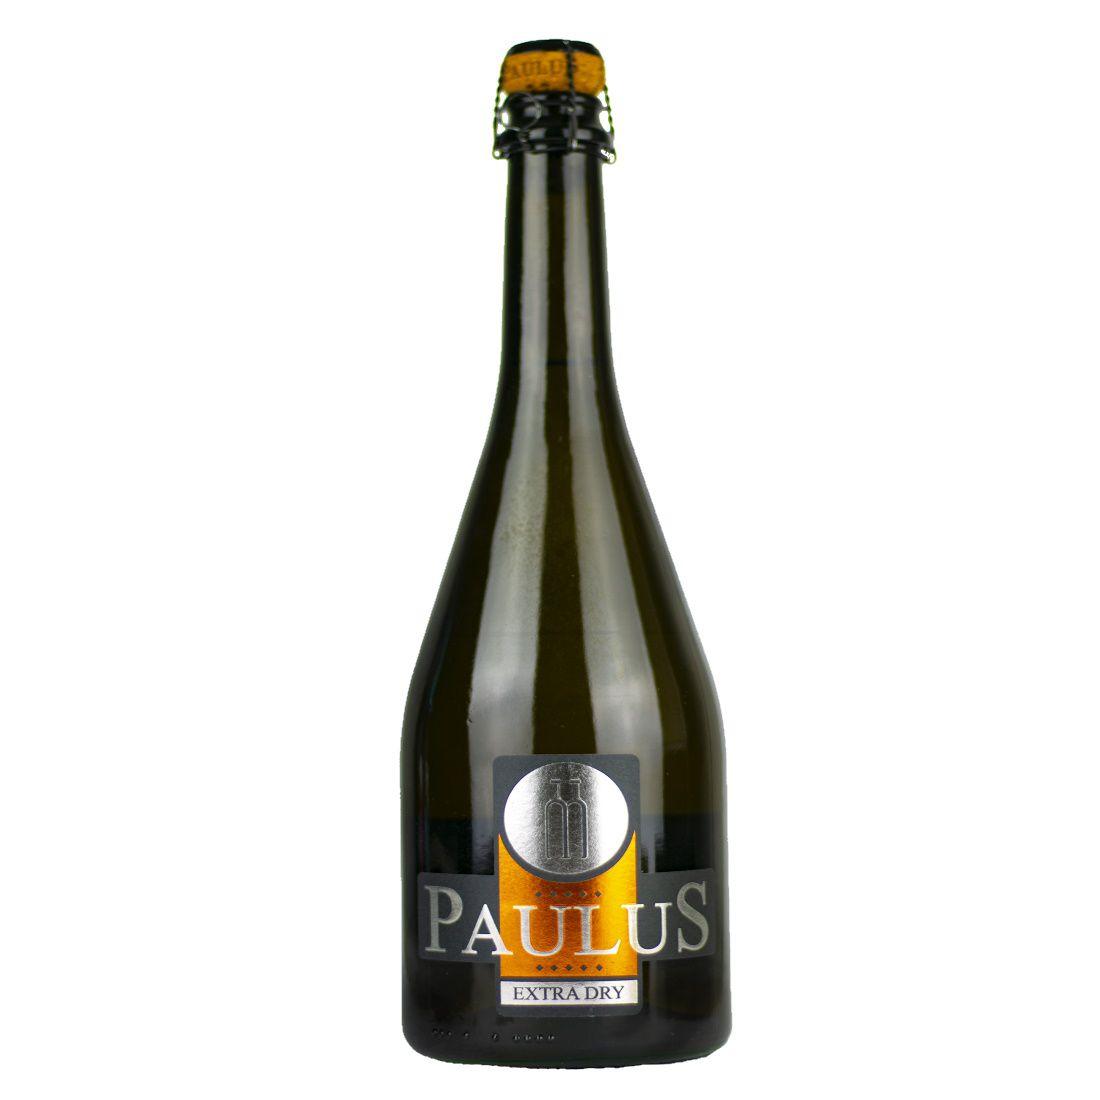 Paulus Generosa Extra Dry 0,75l